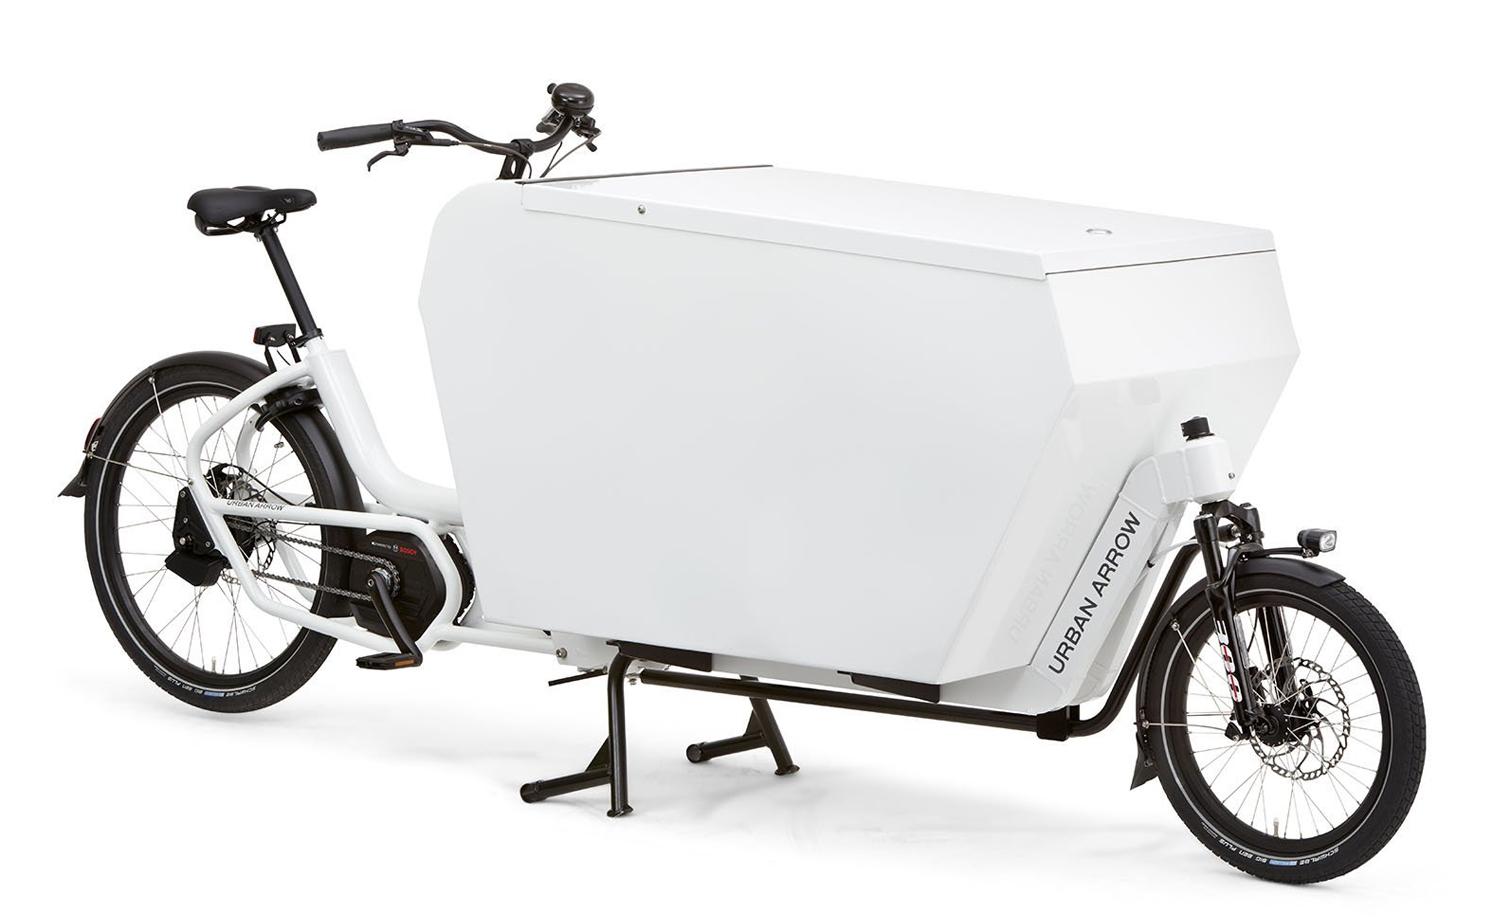 Biporteur Urban Arrow Cargo XL